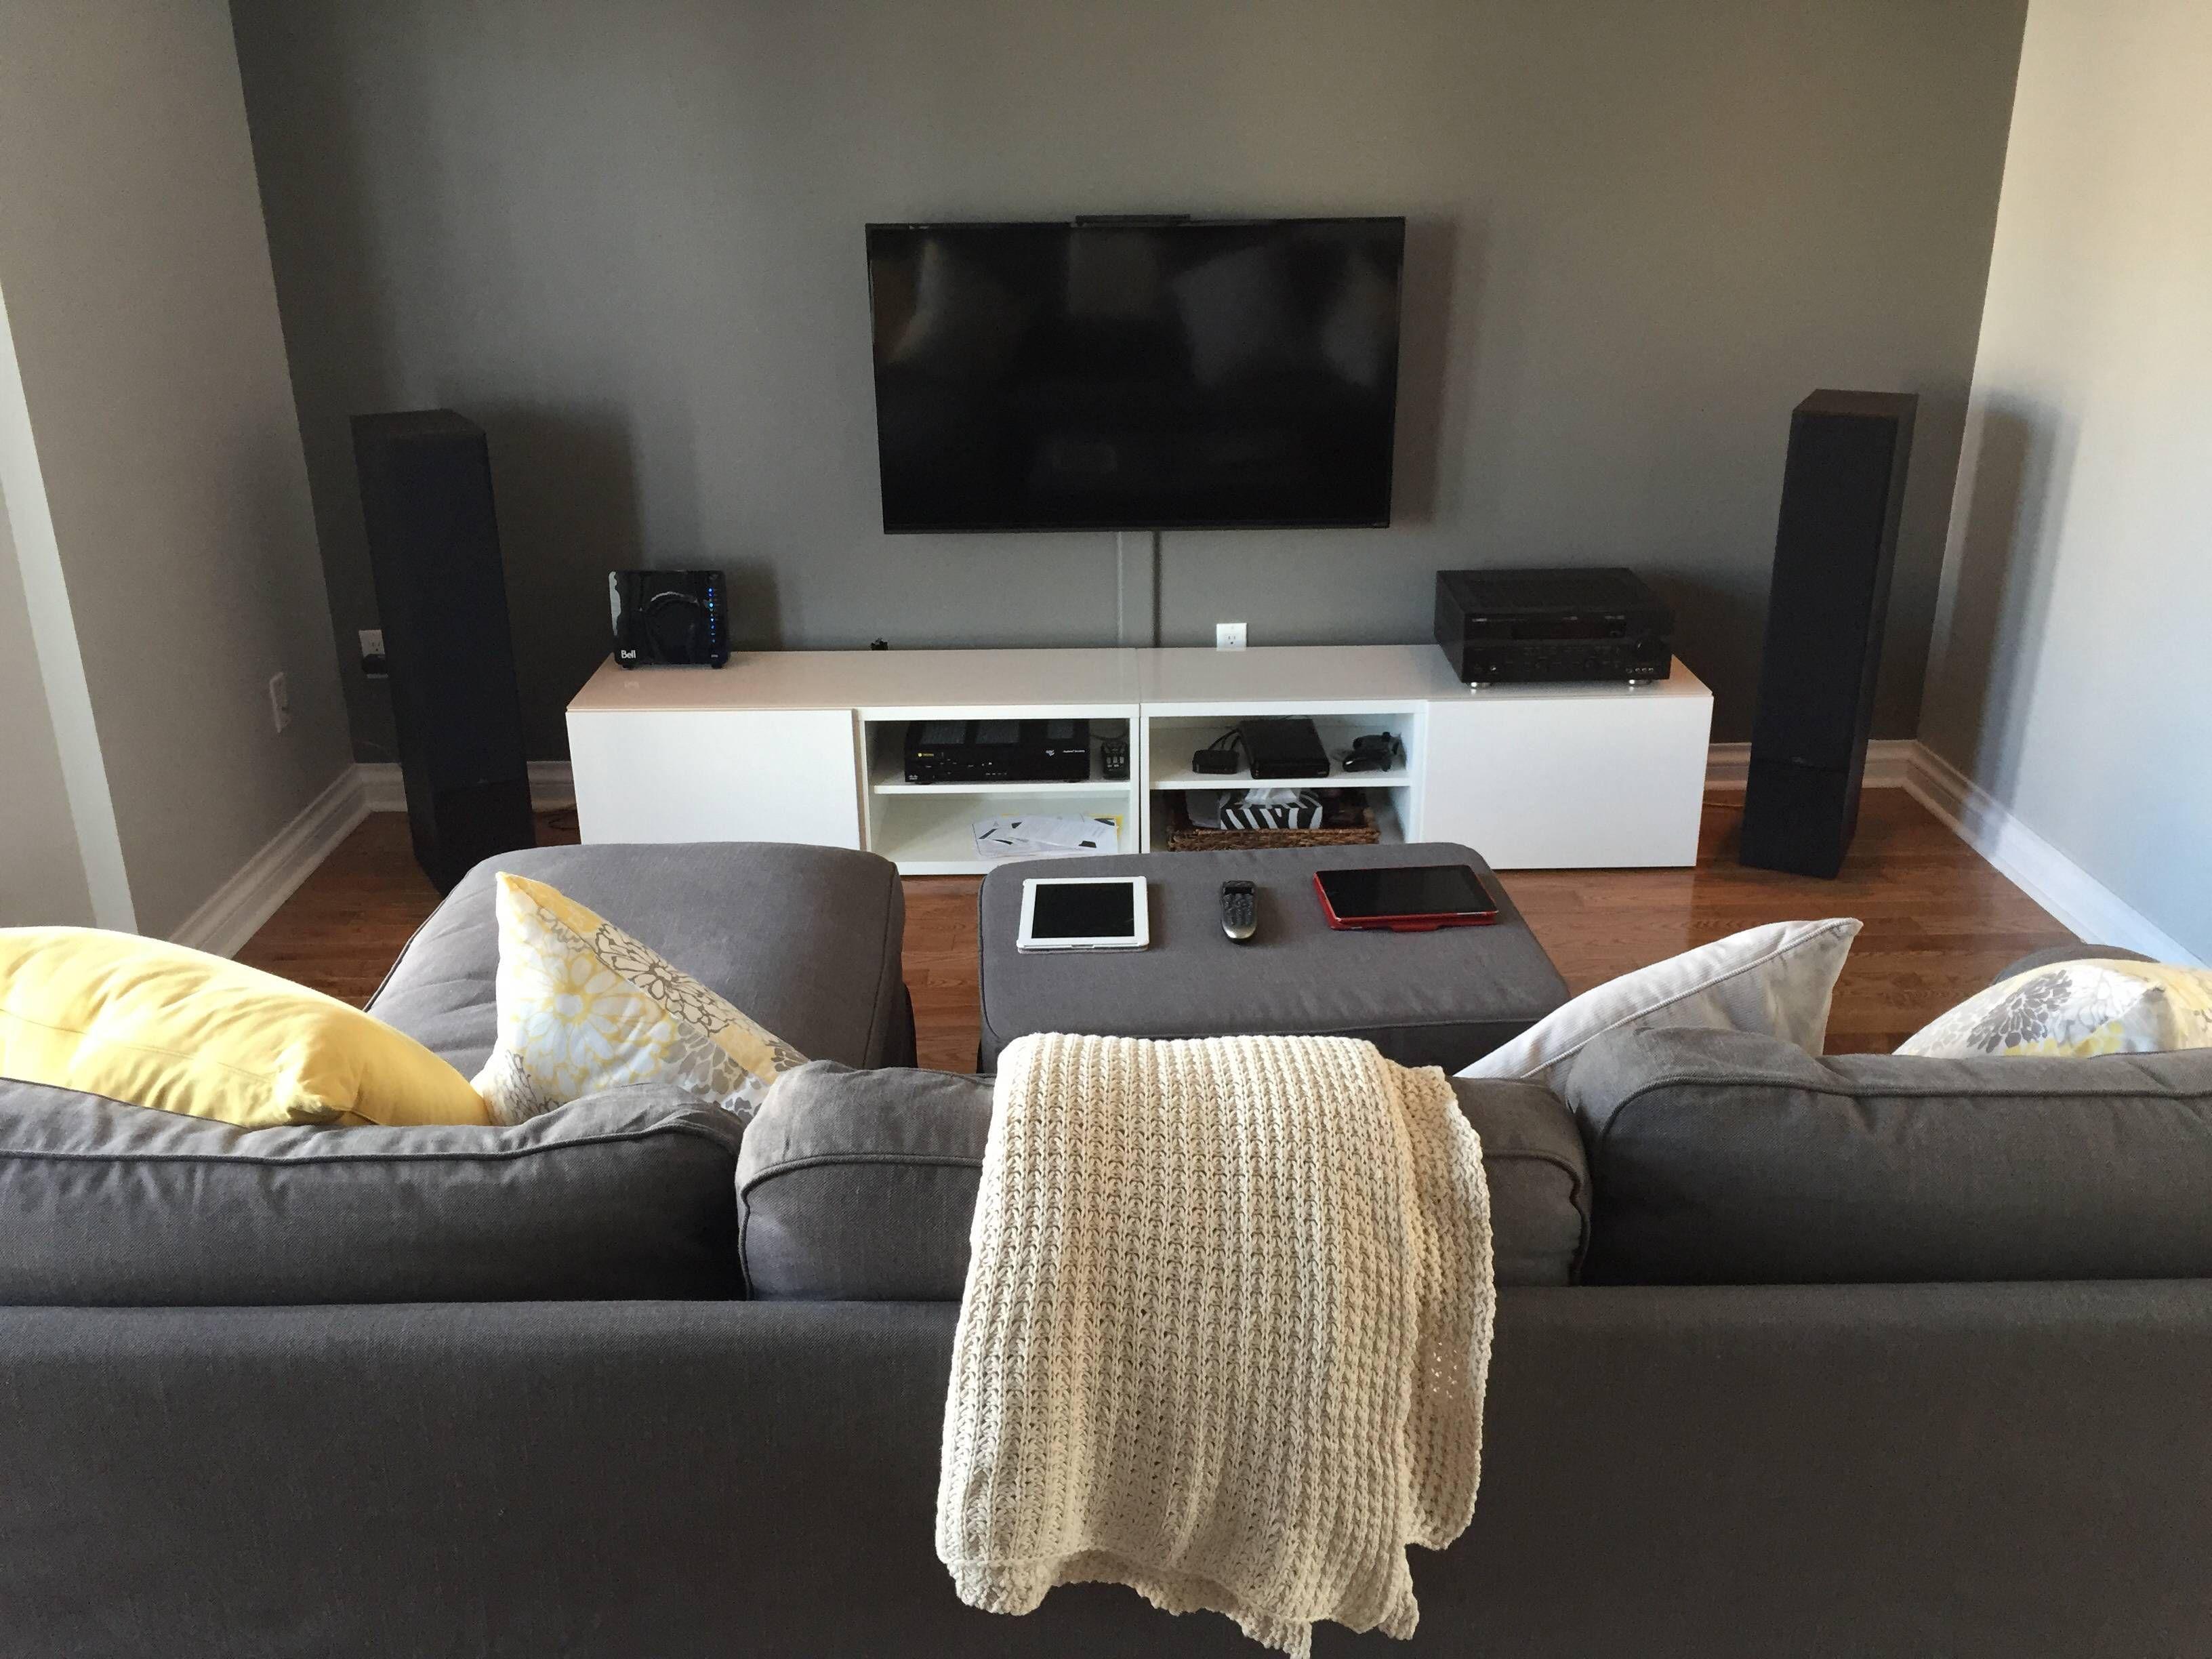 Livingroom6 1088×534  Complete Living Room Set Ups Best Designer Living Room Sets Review